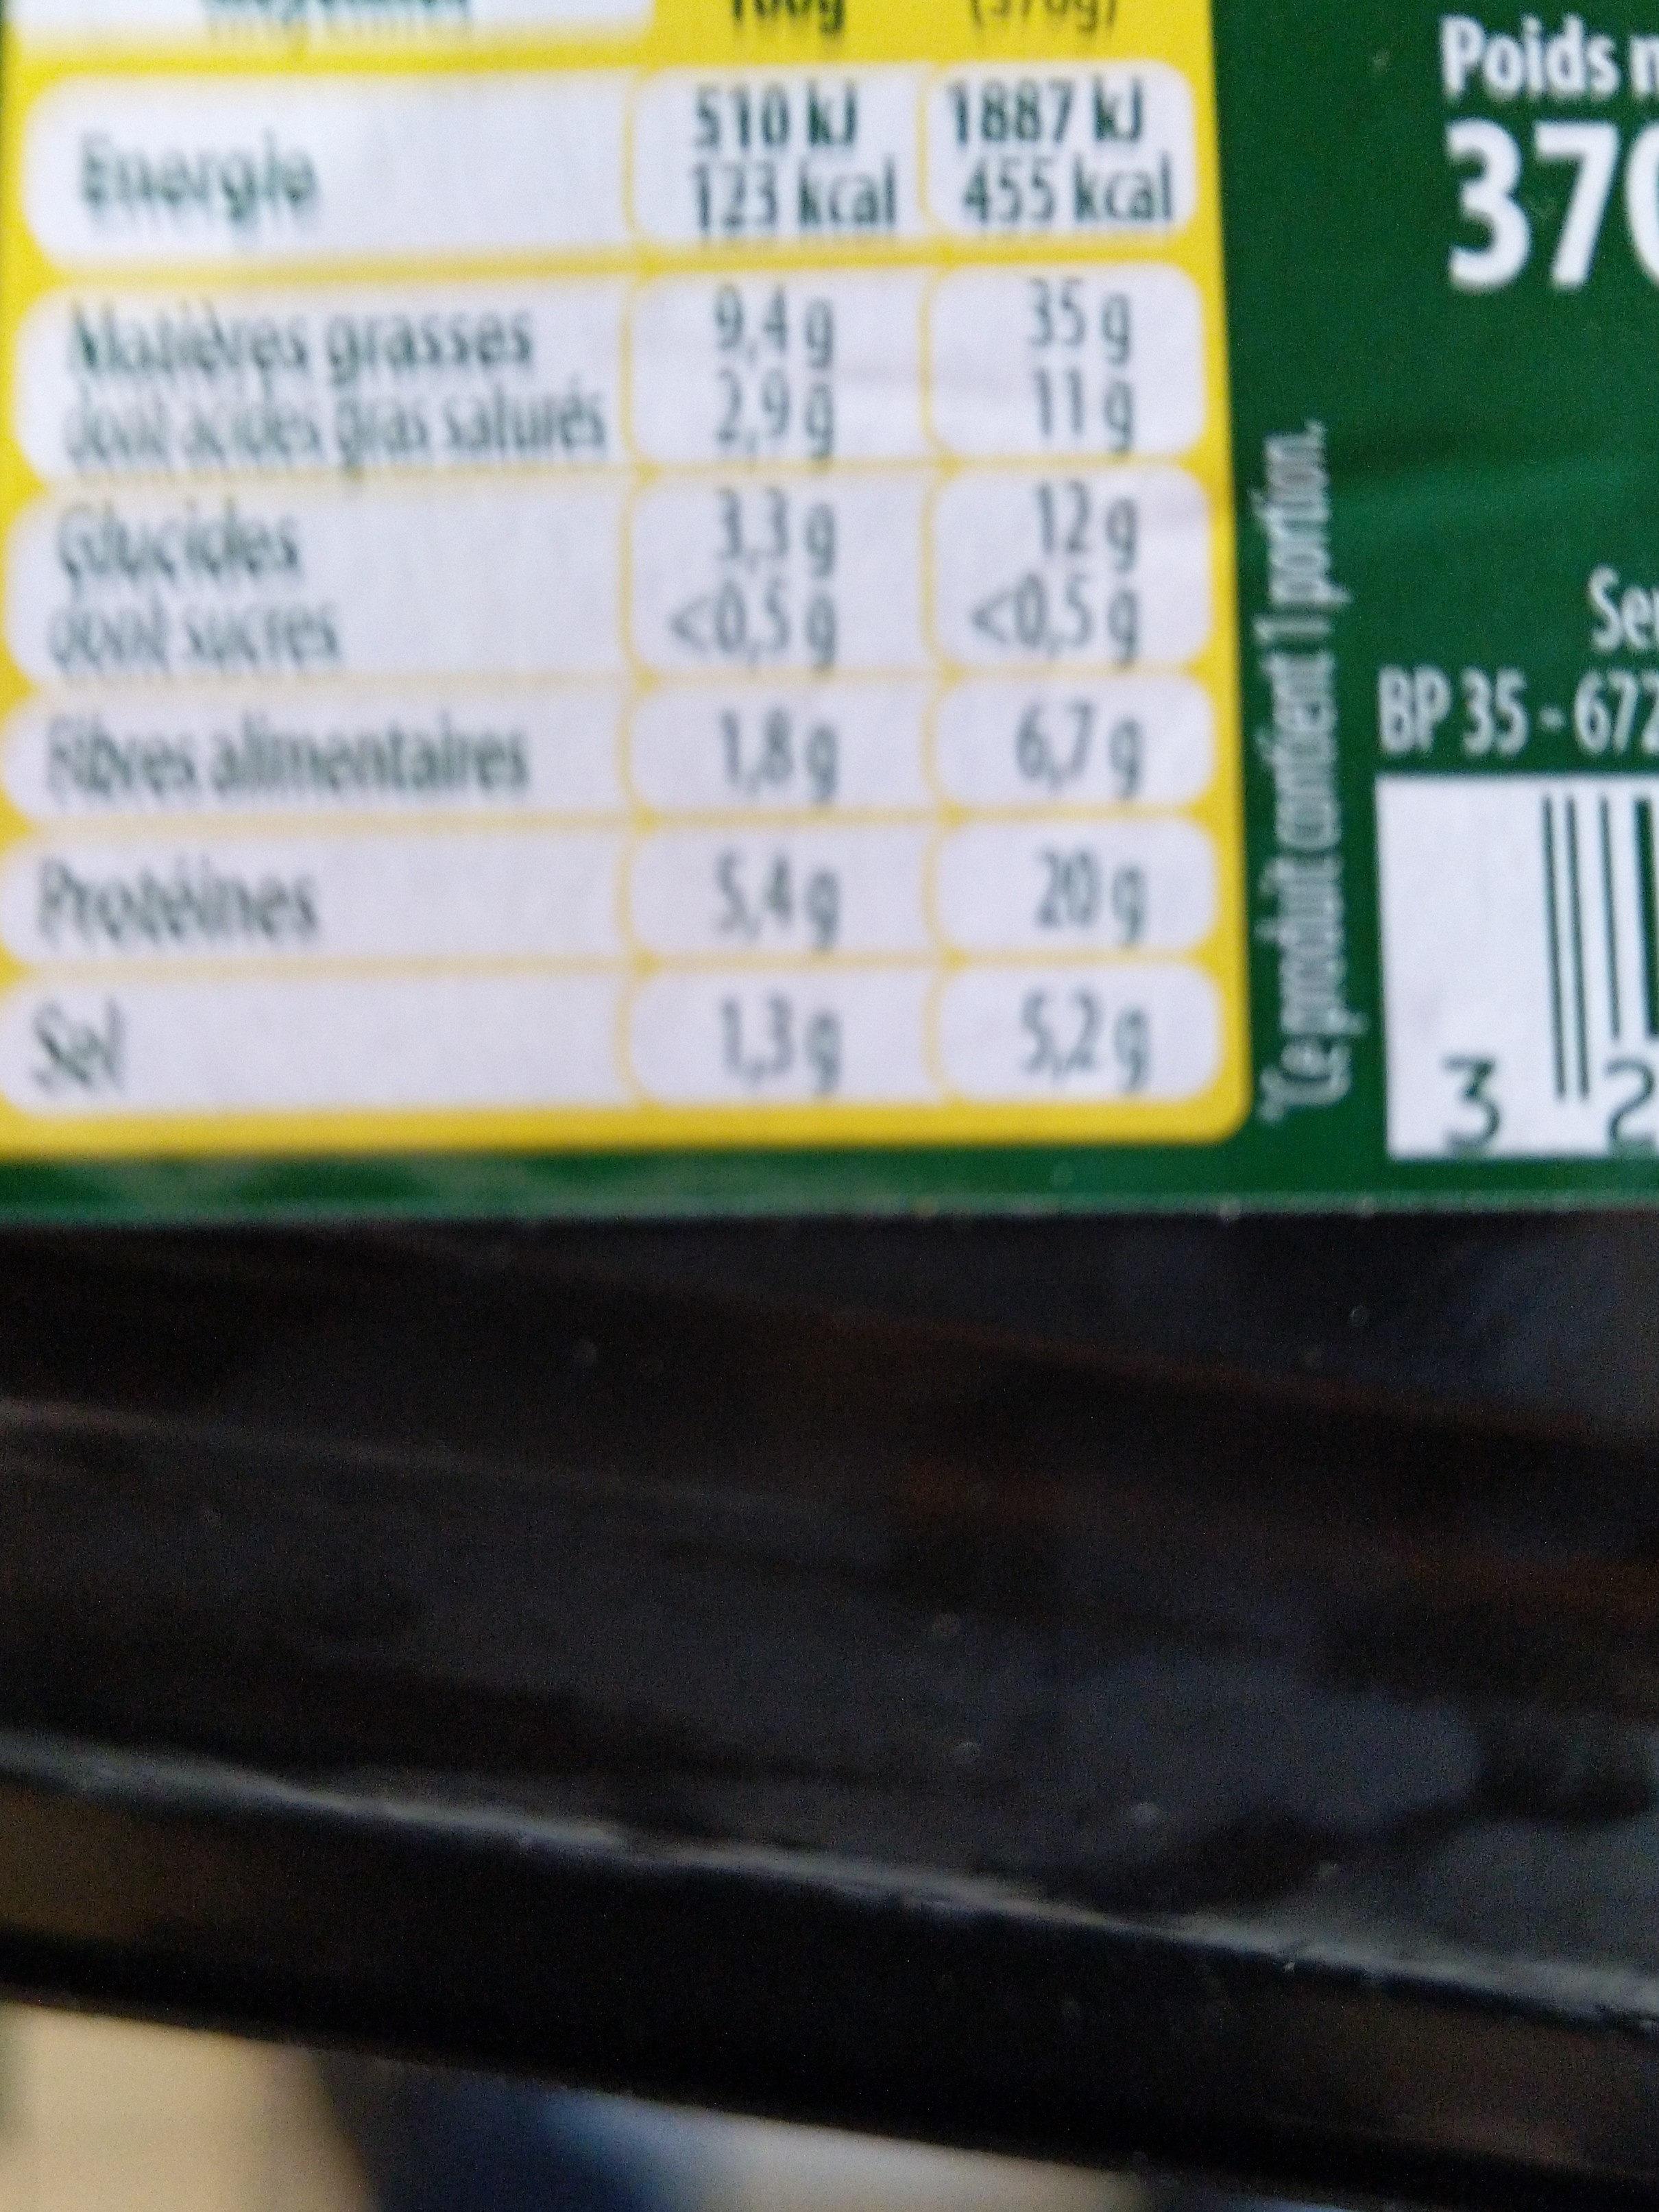 P'tite Choucroute du jour - Informations nutritionnelles - fr